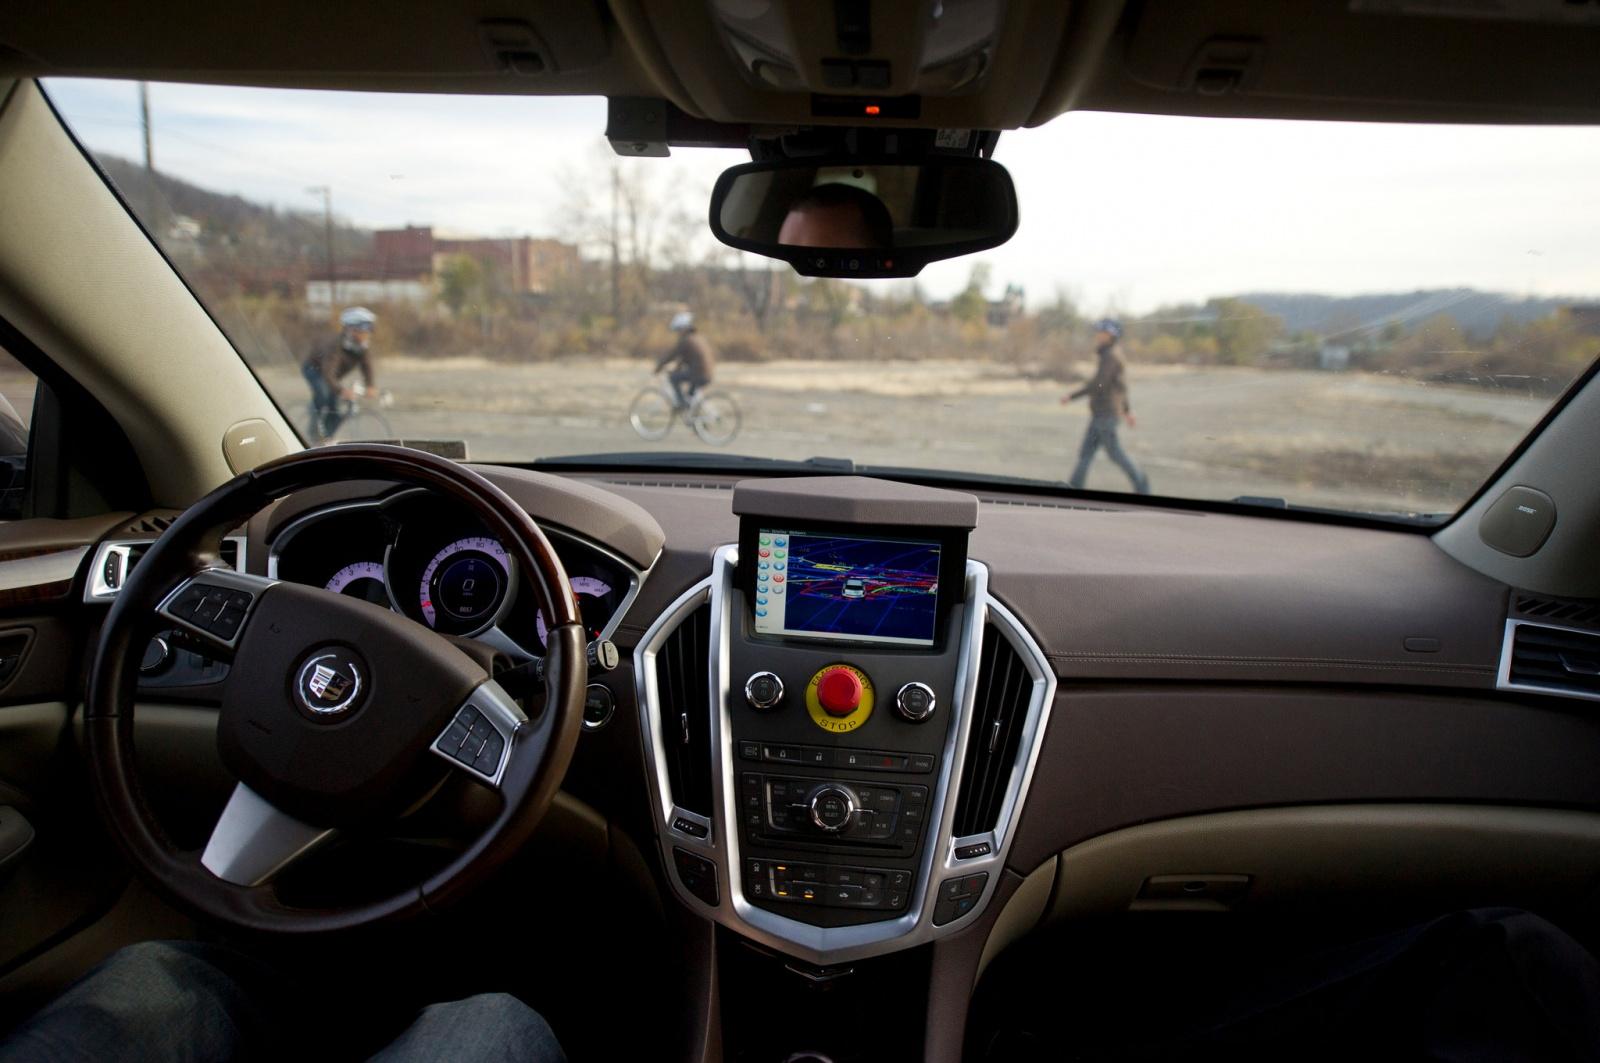 Робомобили в США разрешили тестировать на дорогах общего пользования во всех штатах - 2